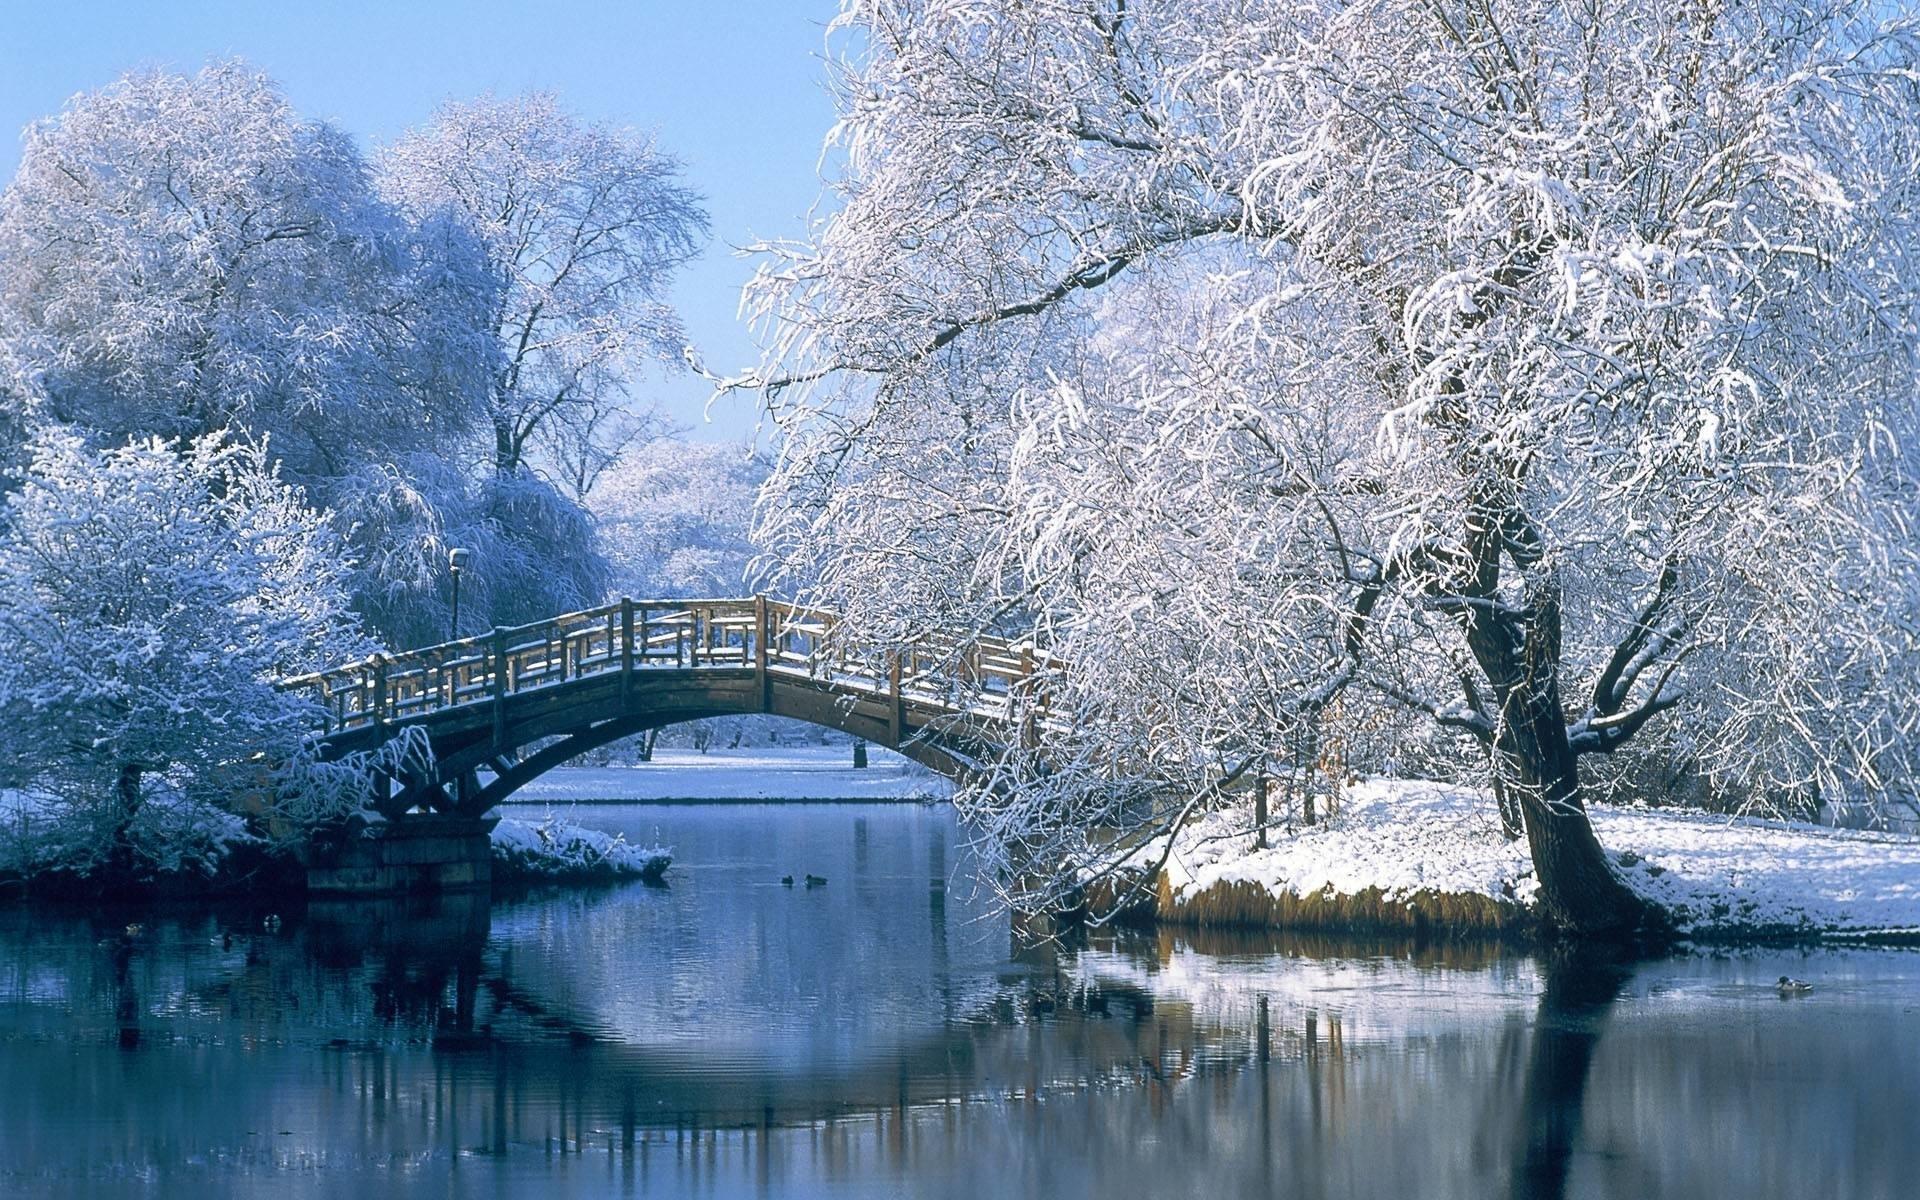 desktop wallpaper winter scenes (48+ images)